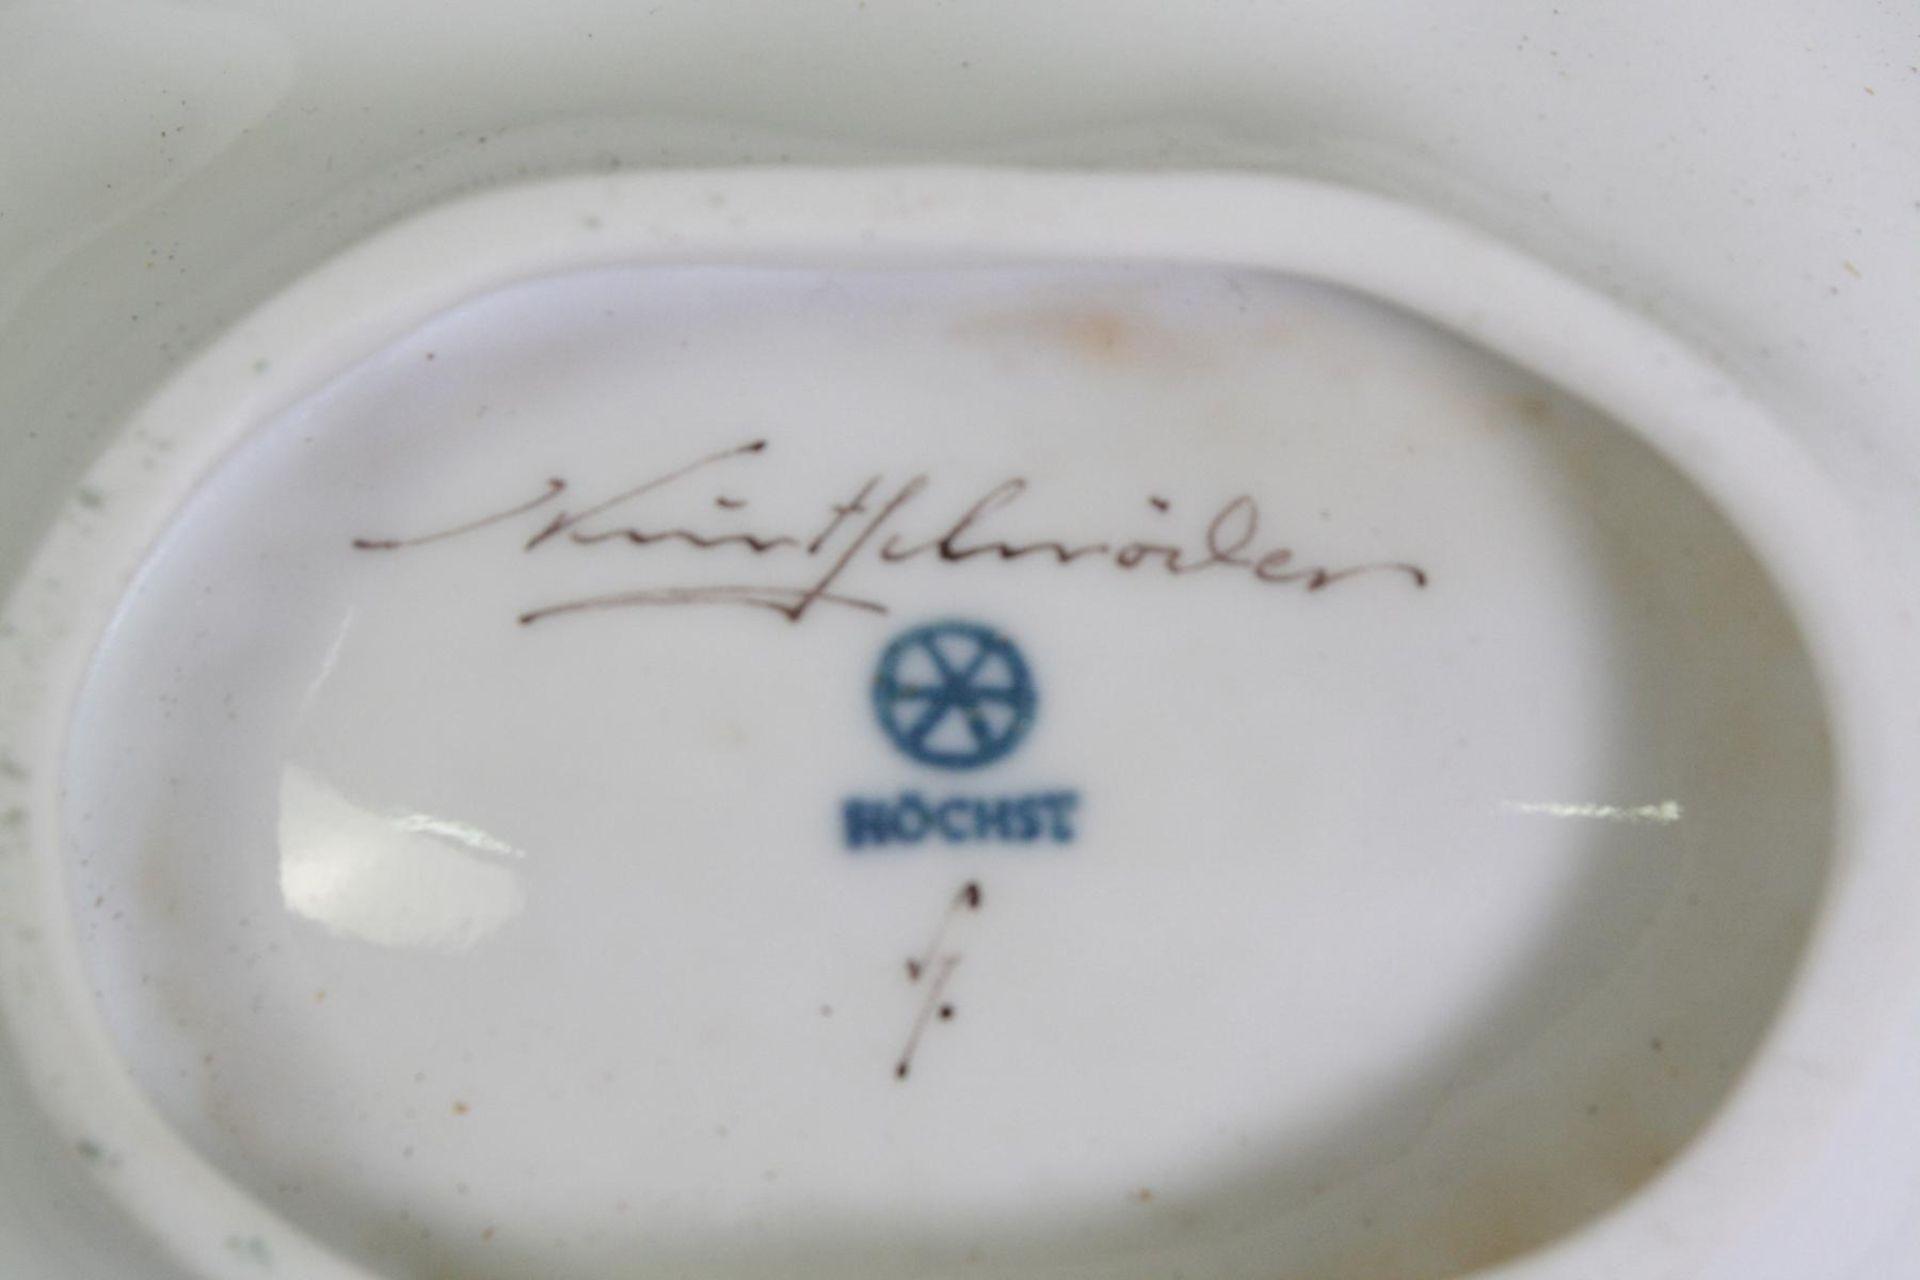 Blattschale, Höchst, signiert Kurt SchröderReliefiertes Weißporzellan, im Spiegel Vögel auf Ast in - Bild 2 aus 2